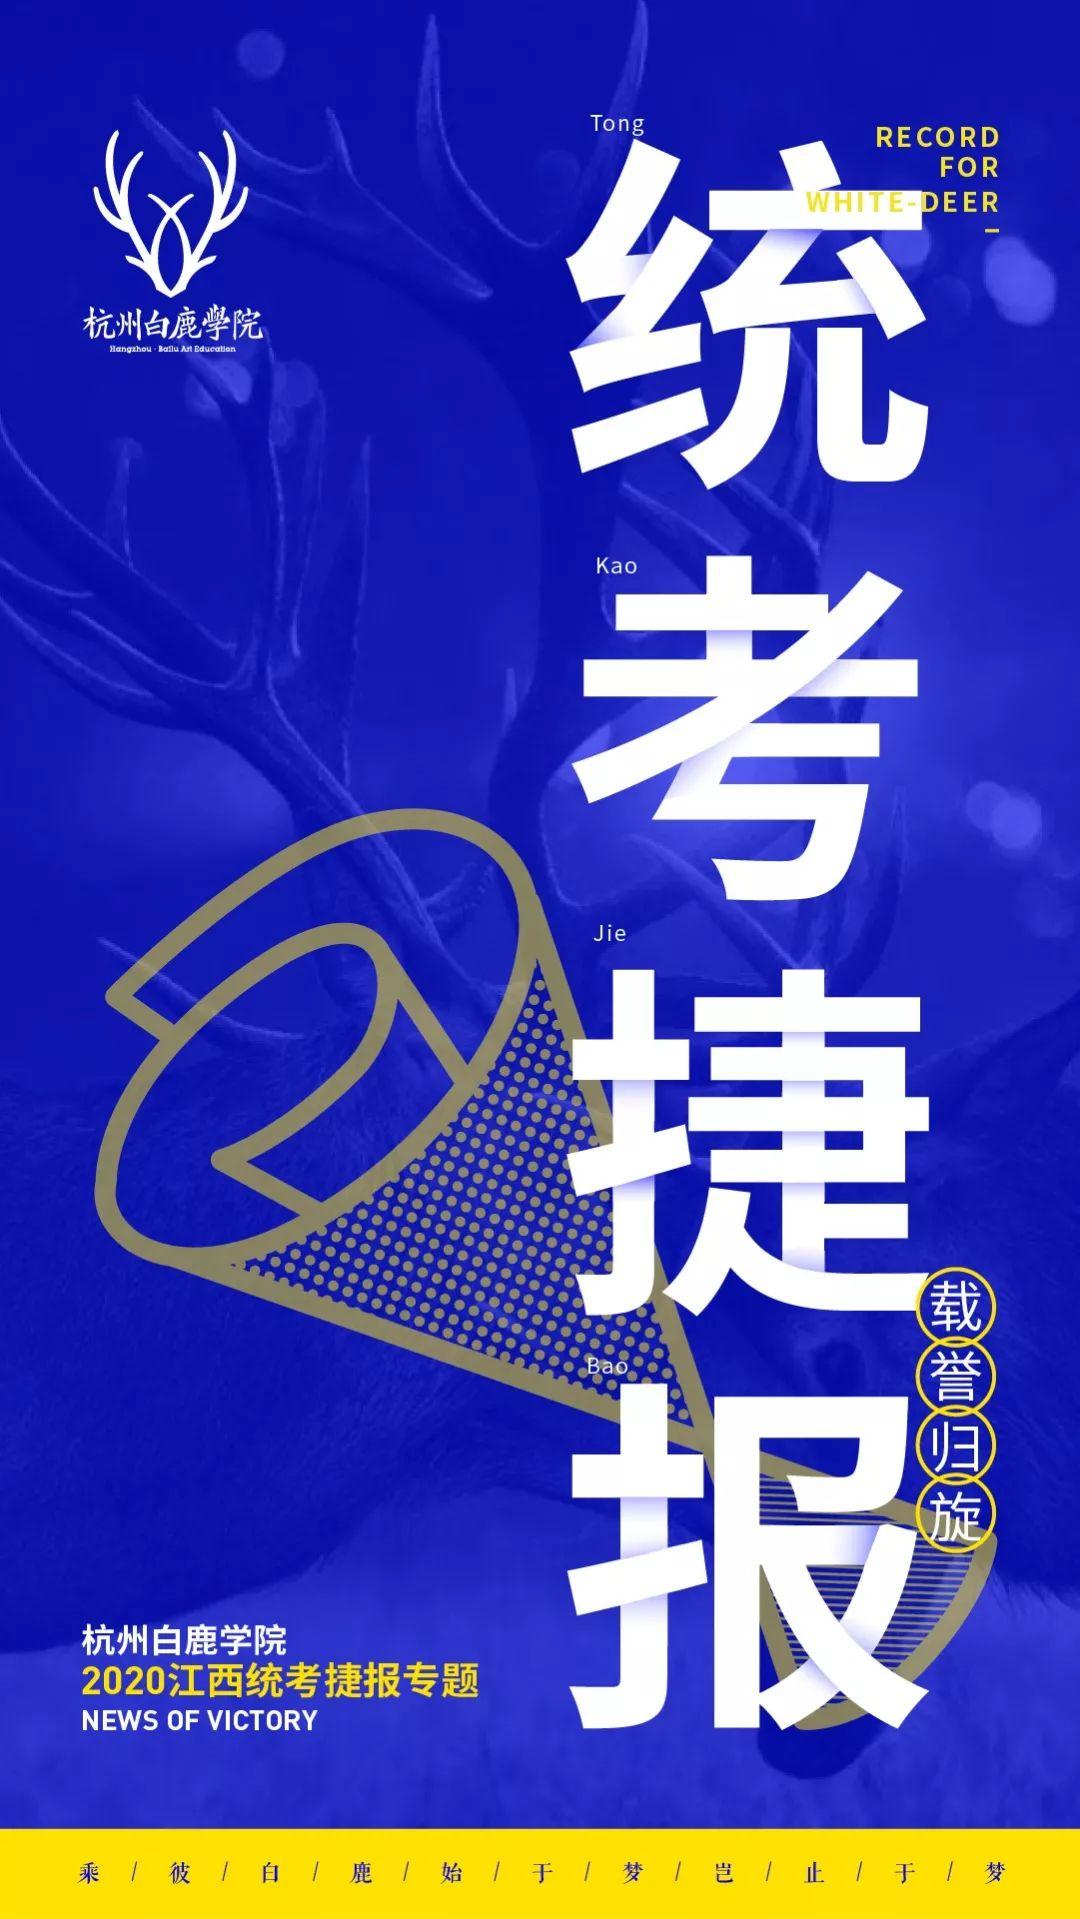 杭州画室,杭州美术培训,杭州联考美术培训,01